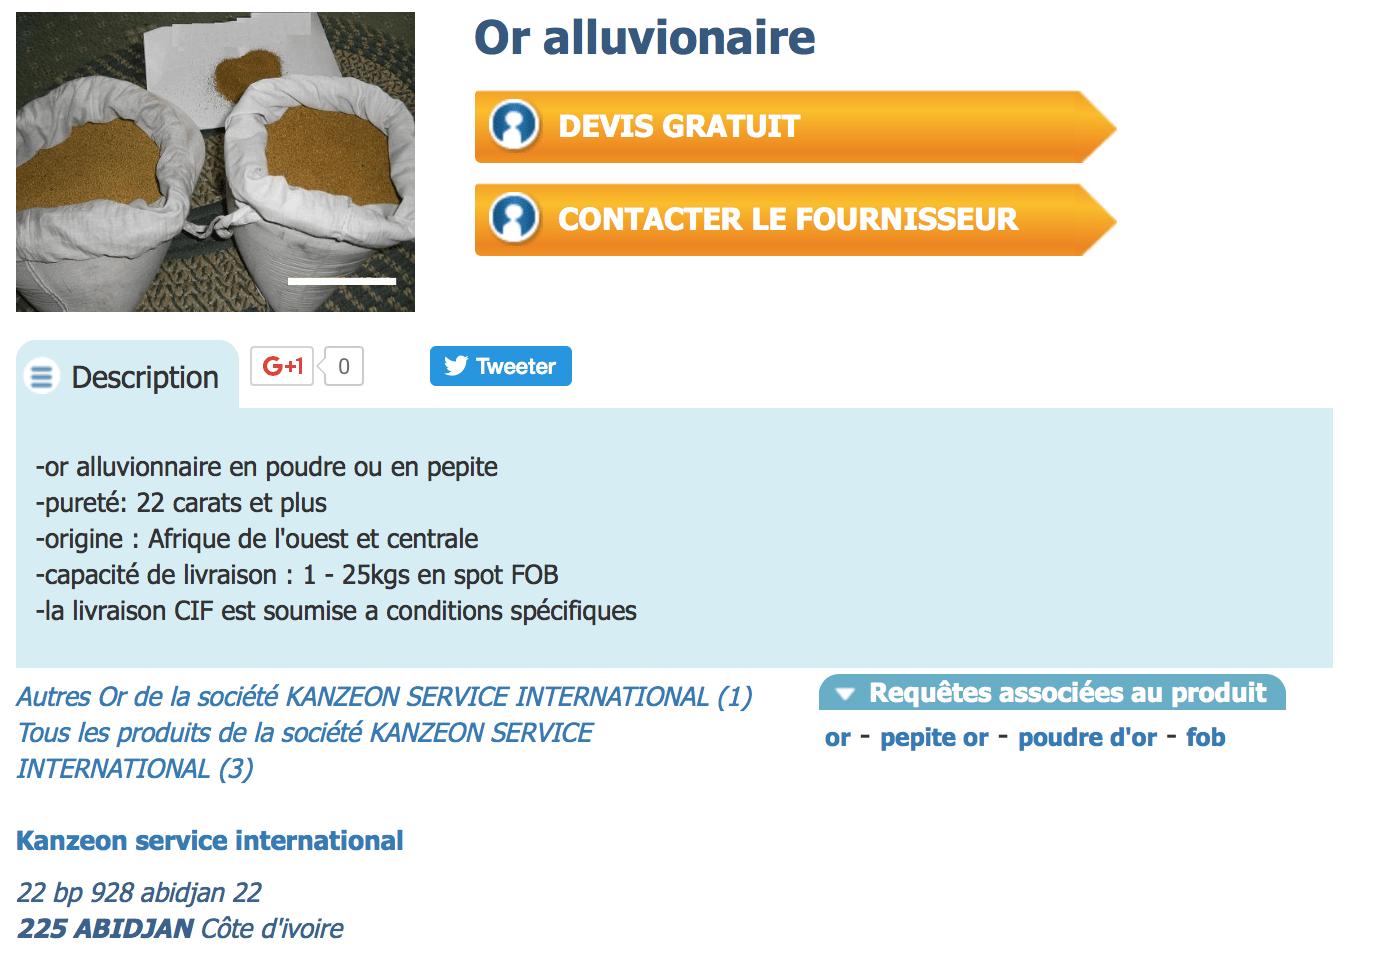 Or alluvionnaire arnaque